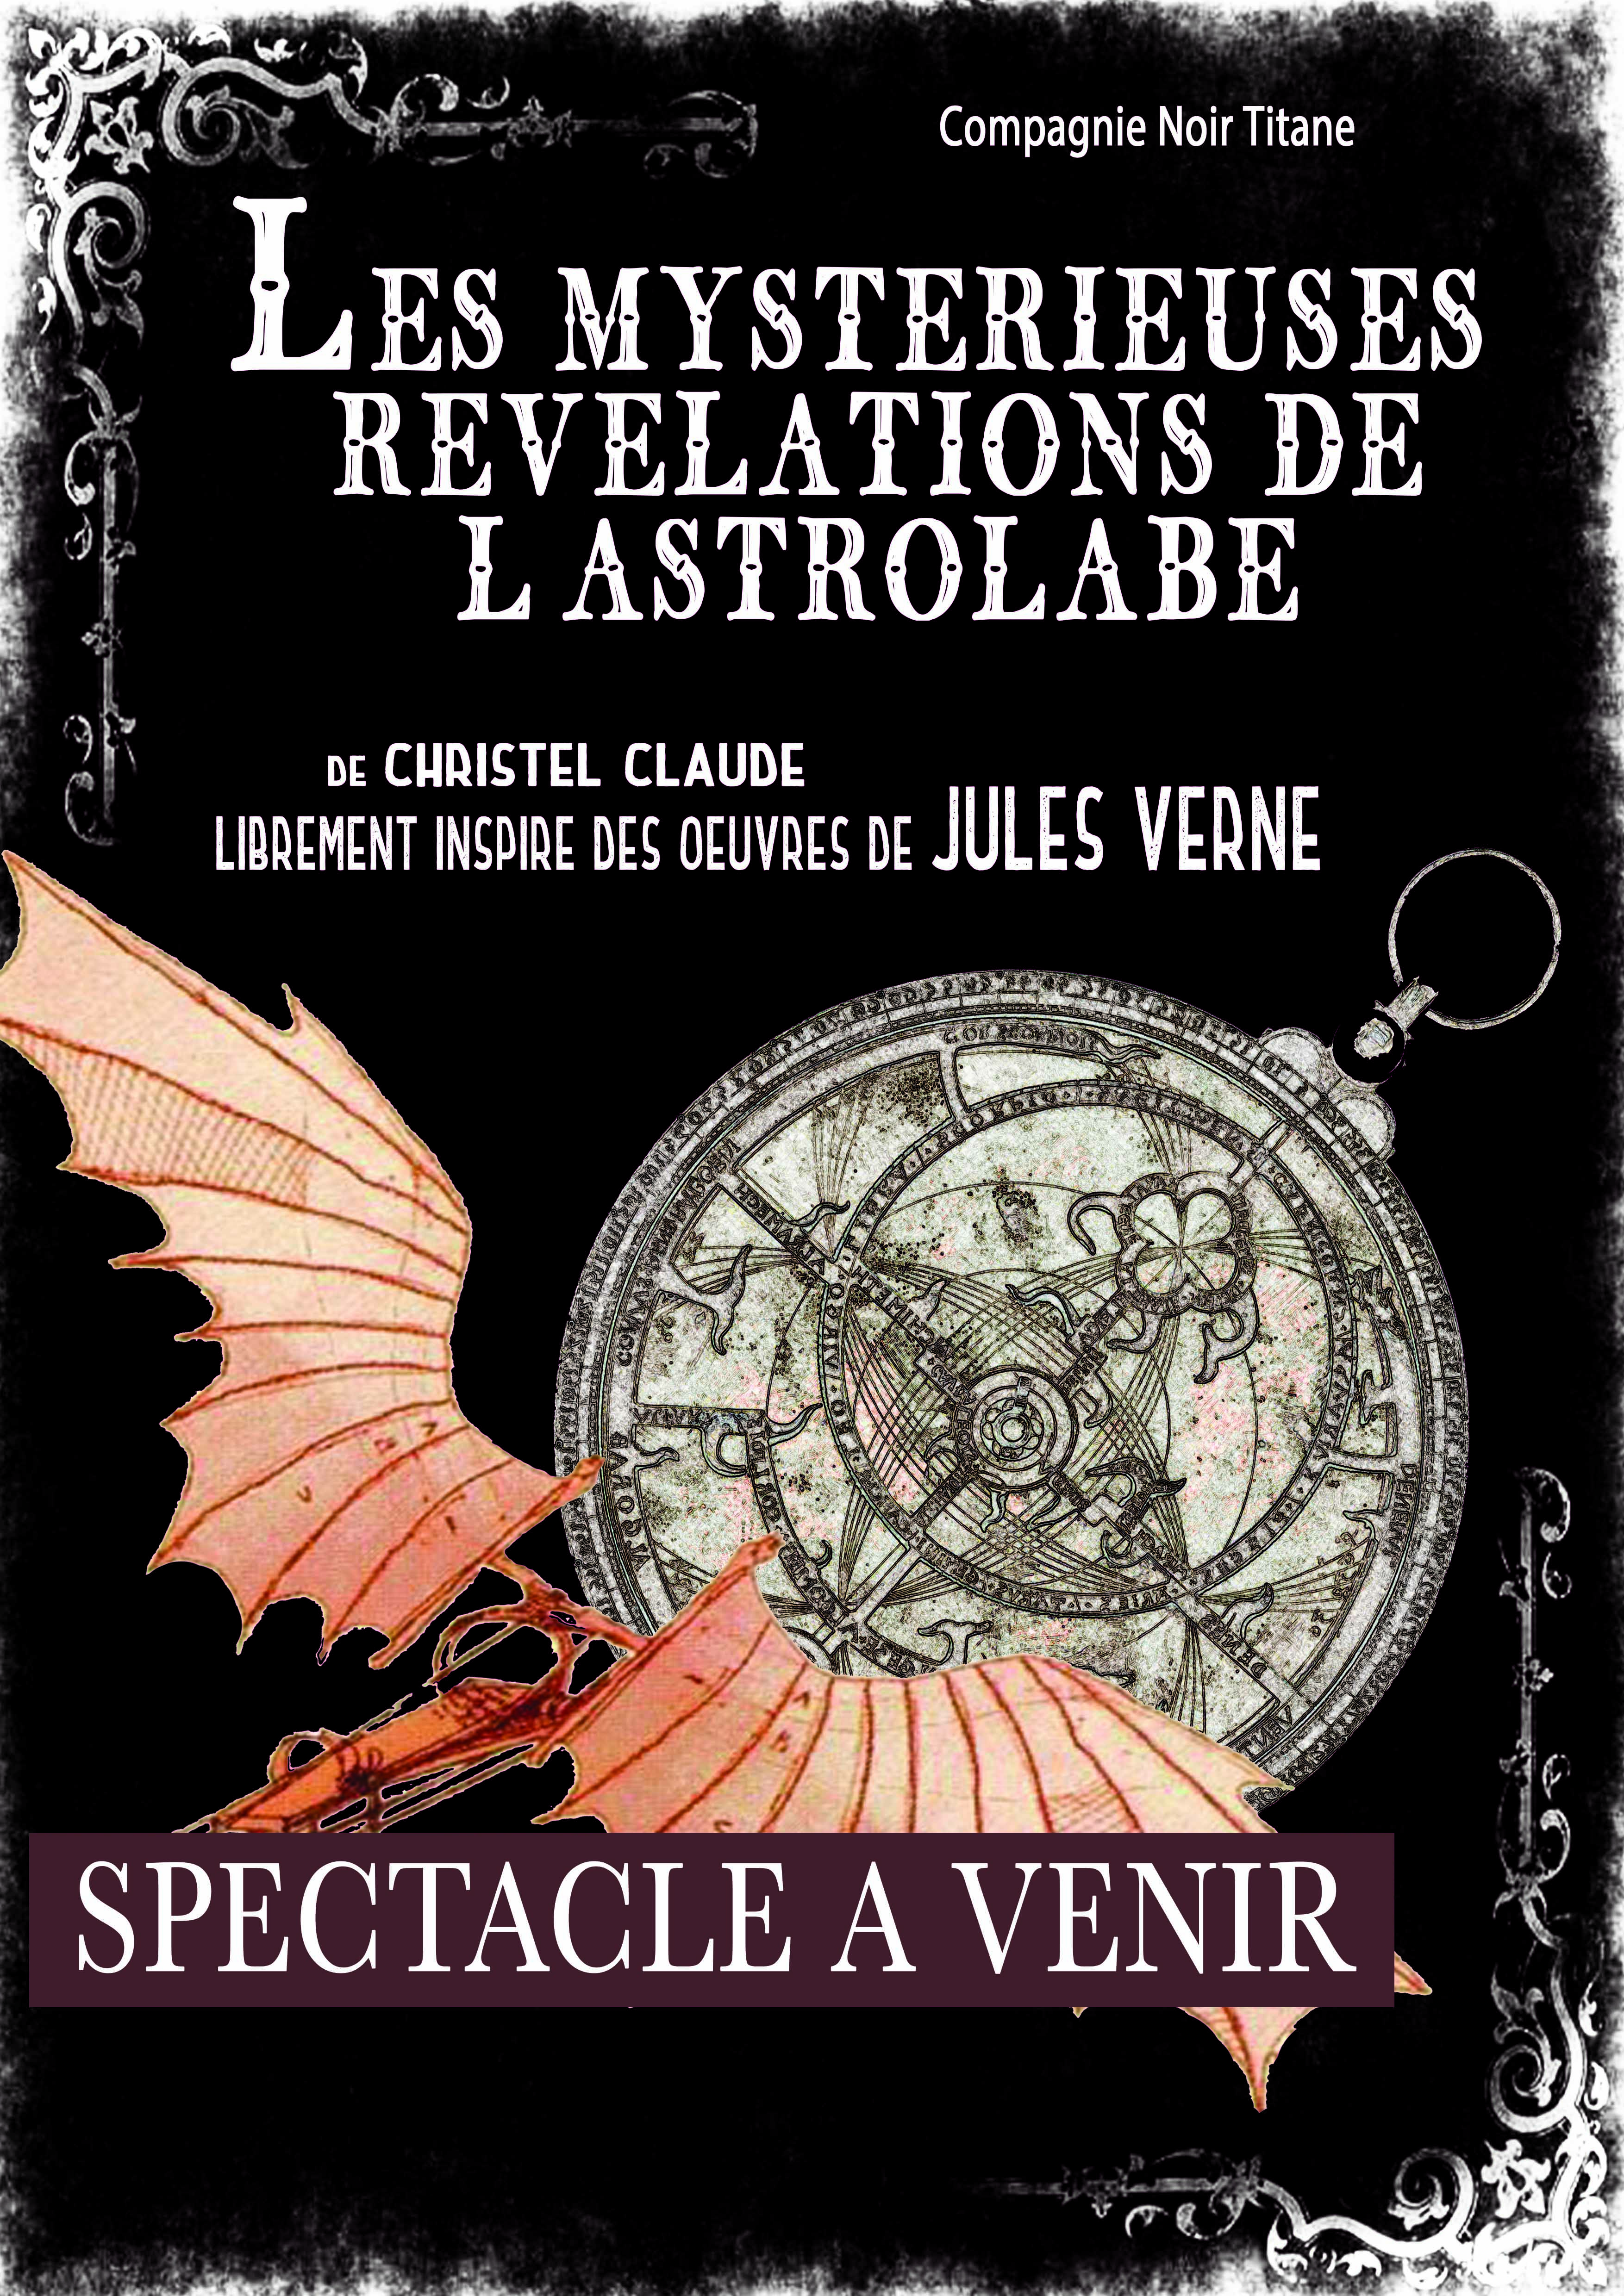 affiche Les mysterieuses revelation de l'astrolabe